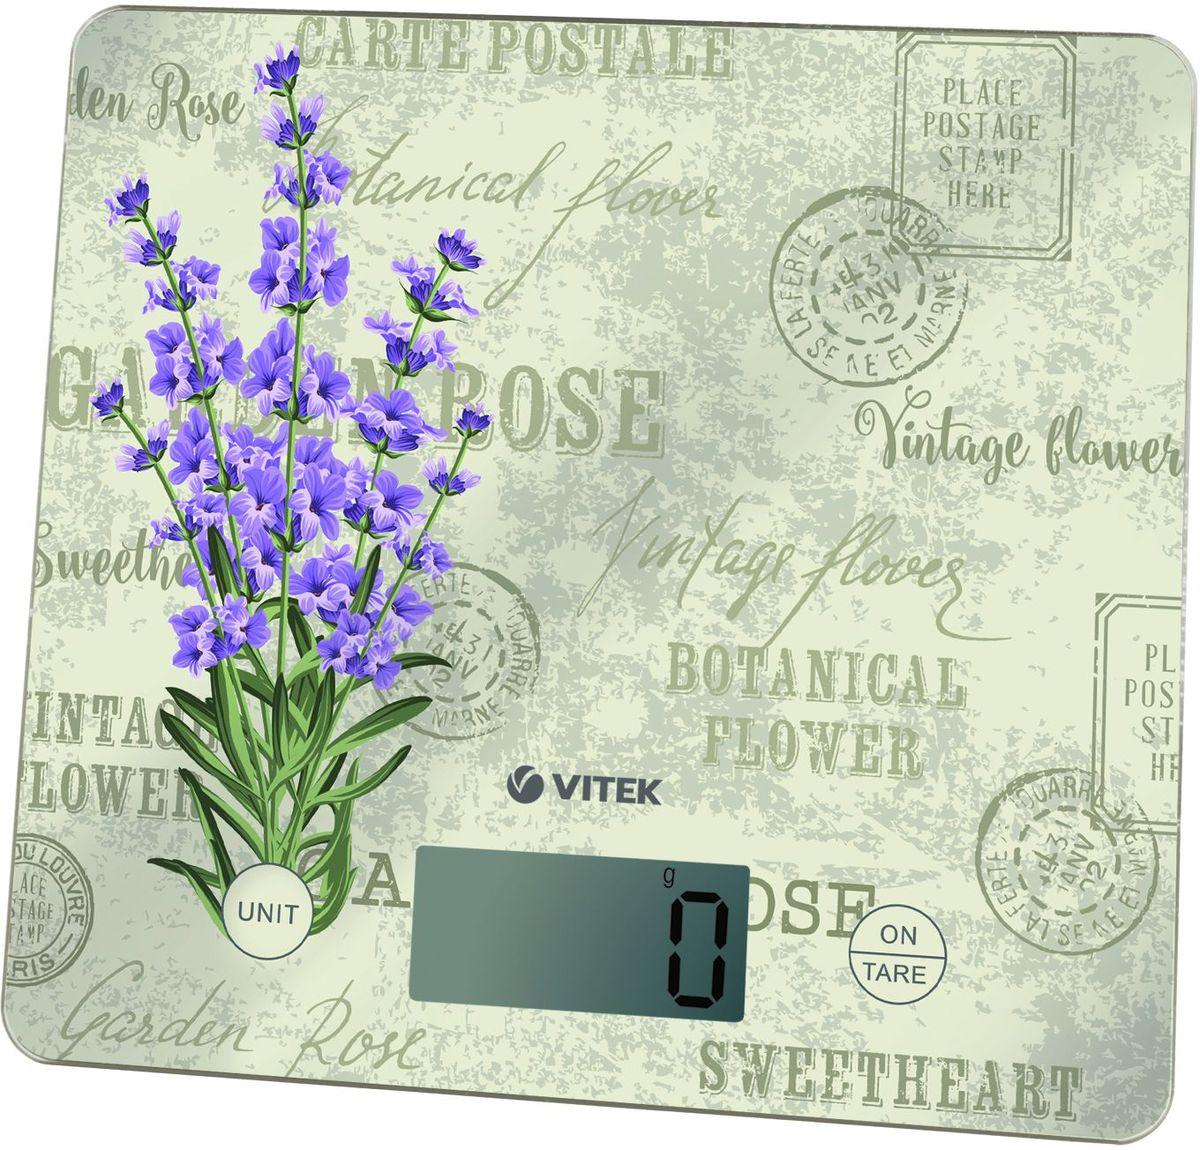 Vitek VT-8020(BL) весы кухонныеVT-8020(BL)Кухонные электронные весы Vitek VT-8020(BL) - незаменимые помощники современной хозяйки. Они помогут точно взвесить любые продукты и ингредиенты. Кроме того, позволят людям, соблюдающим диету, контролировать количество съедаемой пищи и размеры порций. Предназначены для взвешивания продуктов с точностью измерения до 1 грамма. Наименьший предел взвешивания: 3 г Последовательное взвешивание Размер дисплея: 58 мм х 26 мм Размер платформы: 20 см х 18,5 см